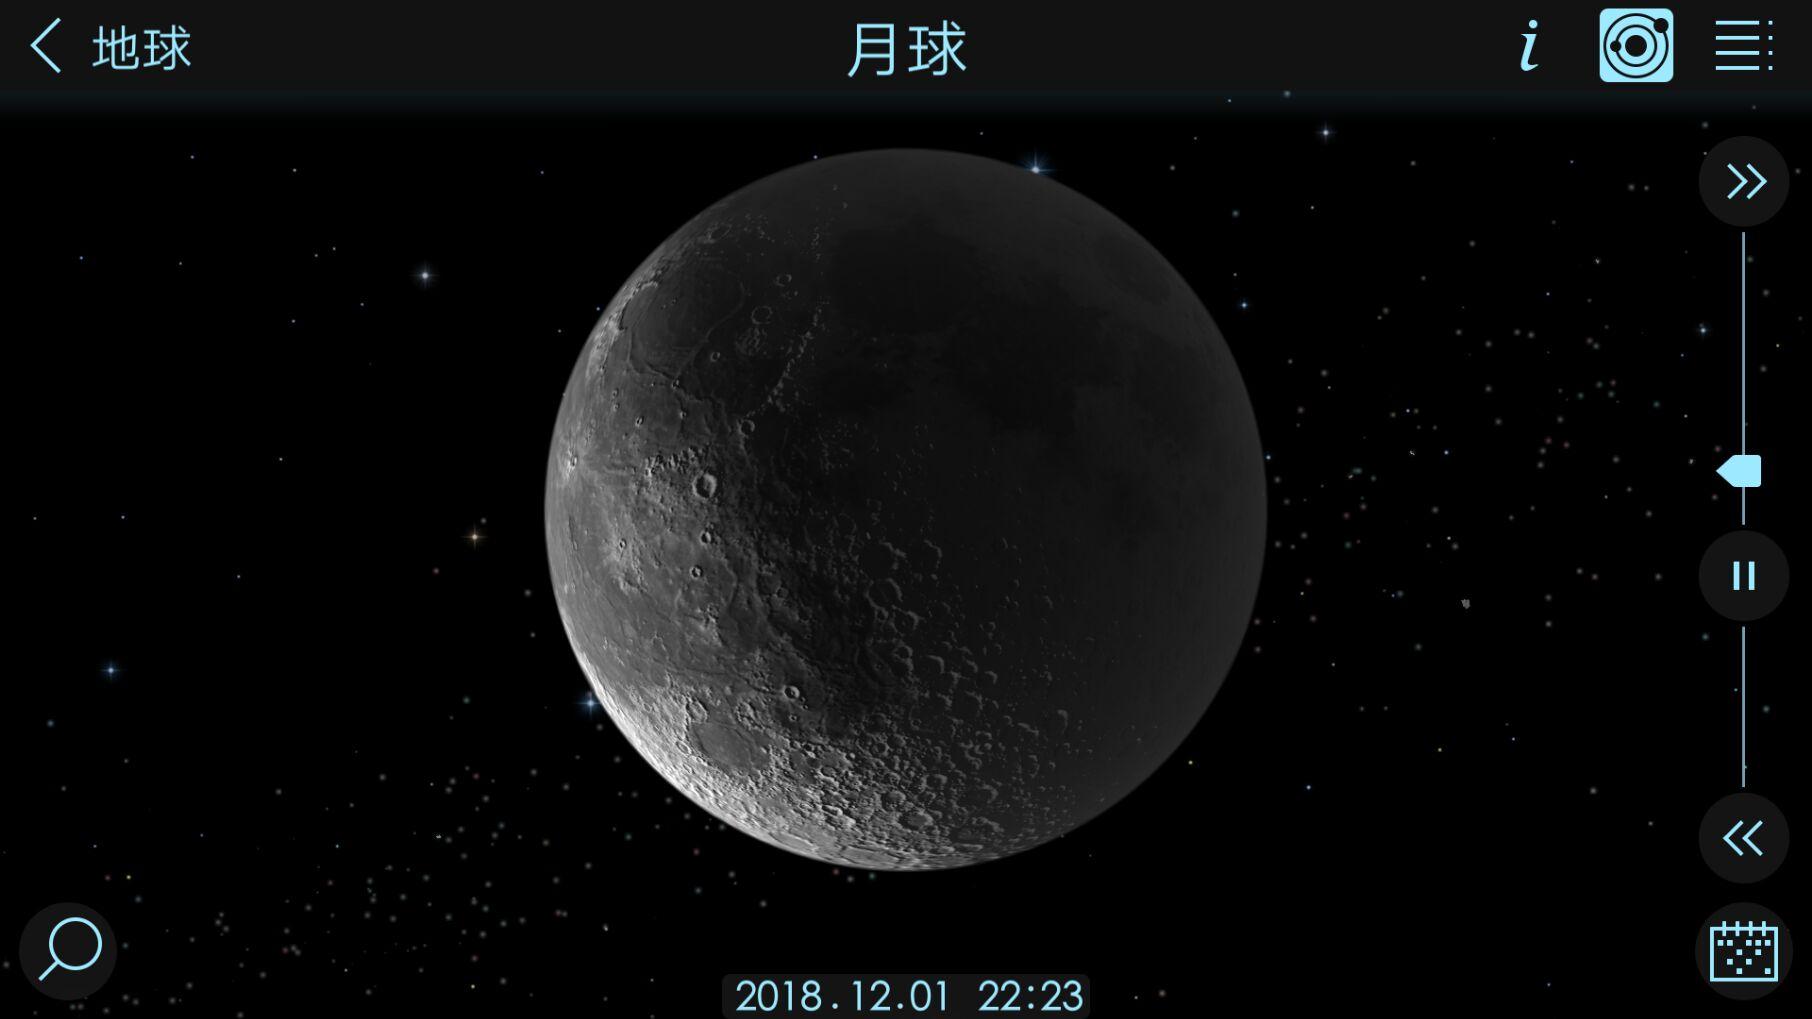 宇宙模拟器 v1.5.7.33截图